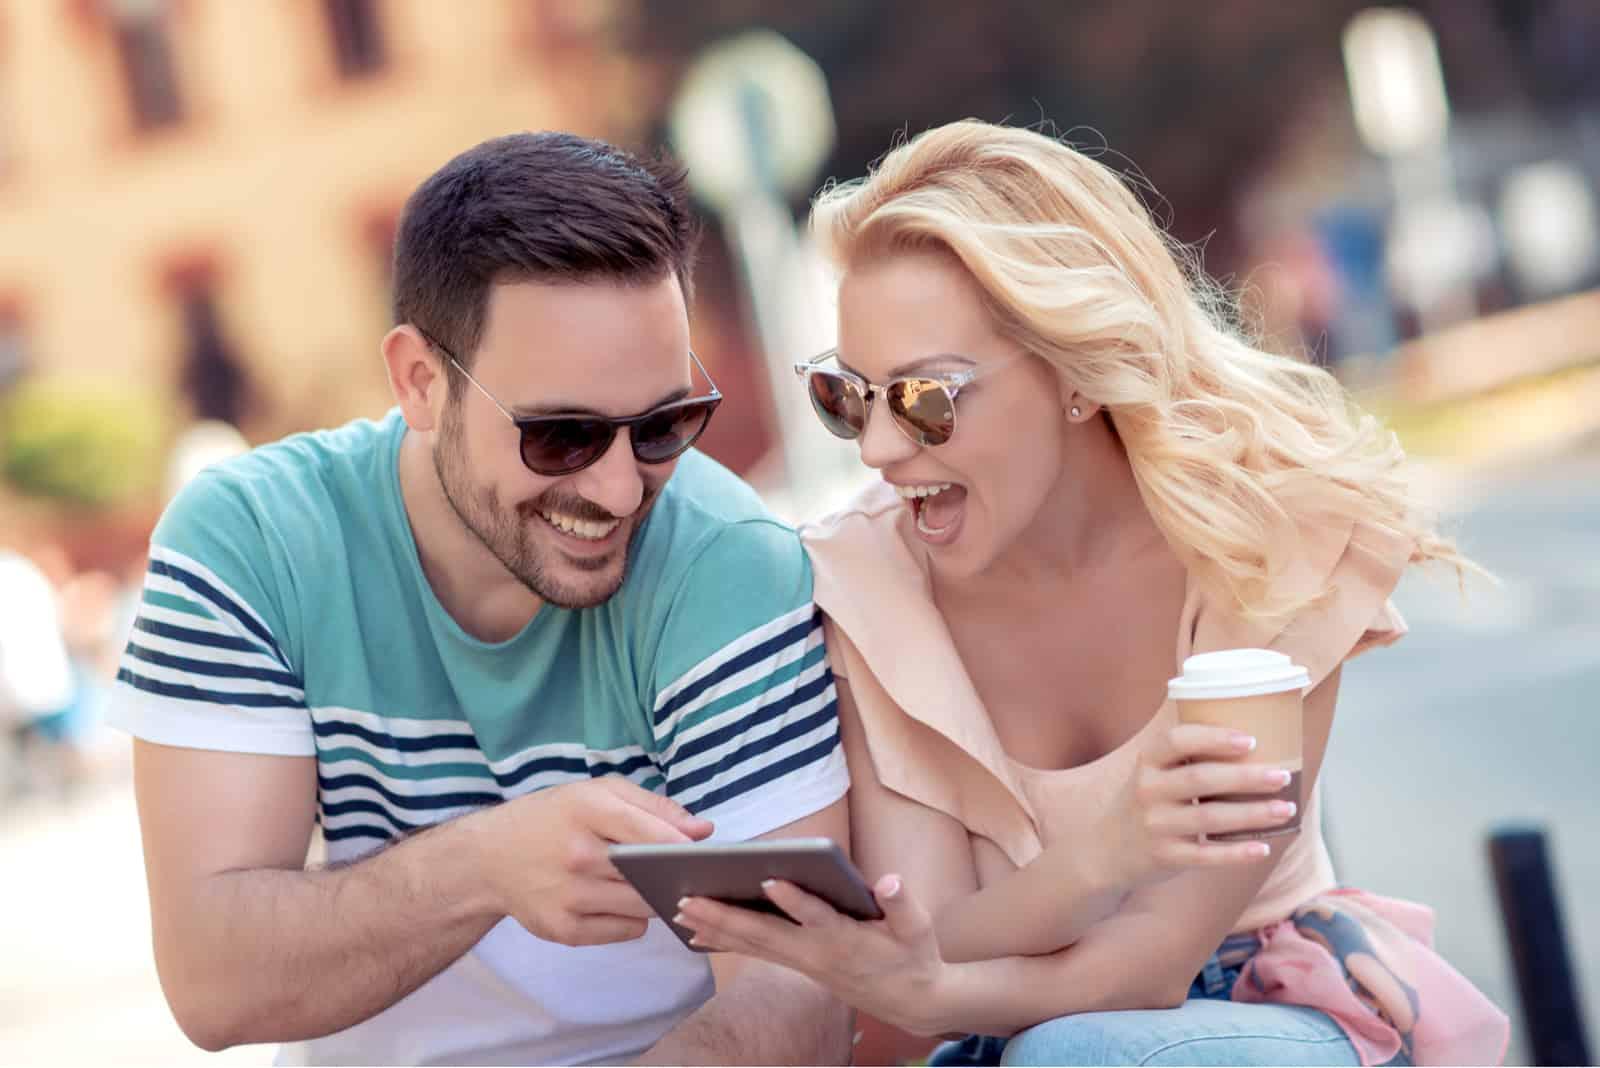 un couple amoureux assis dans les escaliers en regardant le téléphone et en riant